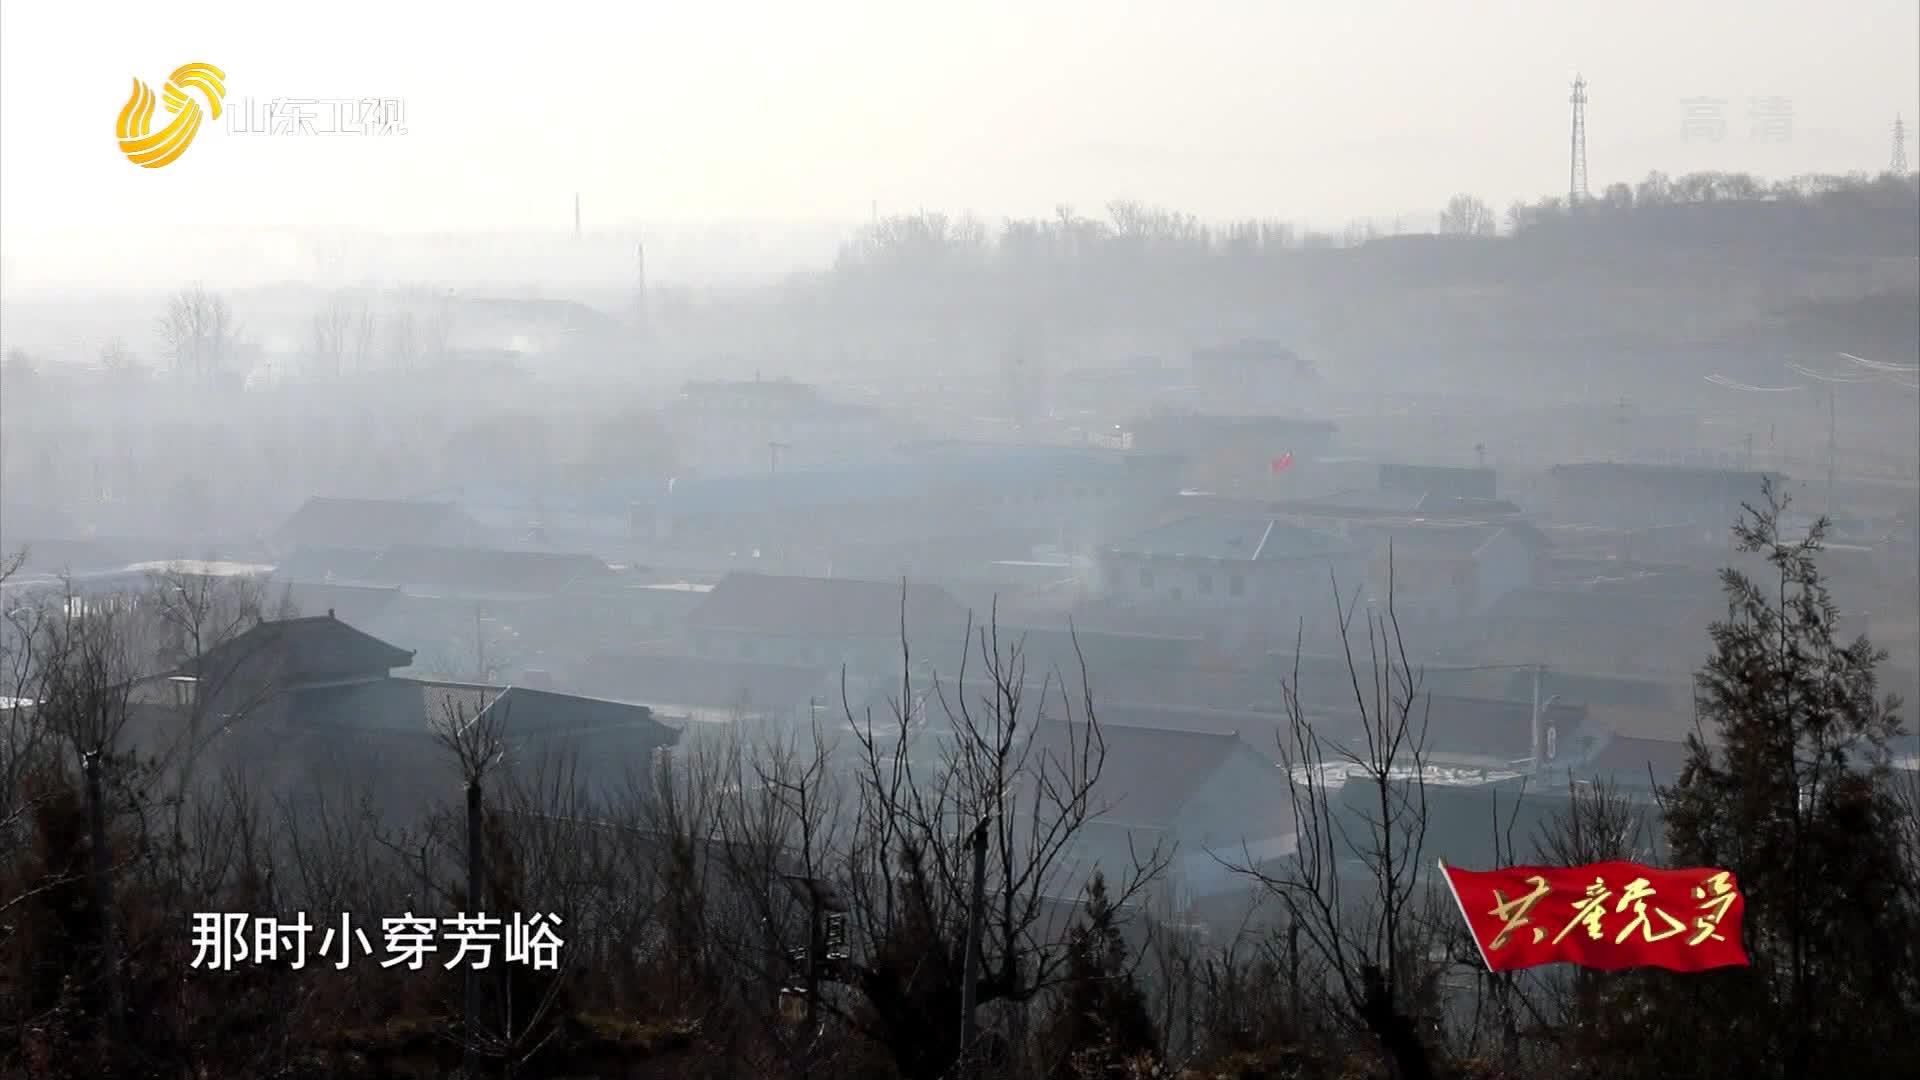 【微党课】系列节目《小康路上》(第14集)——天津蓟州:打造有文化的美